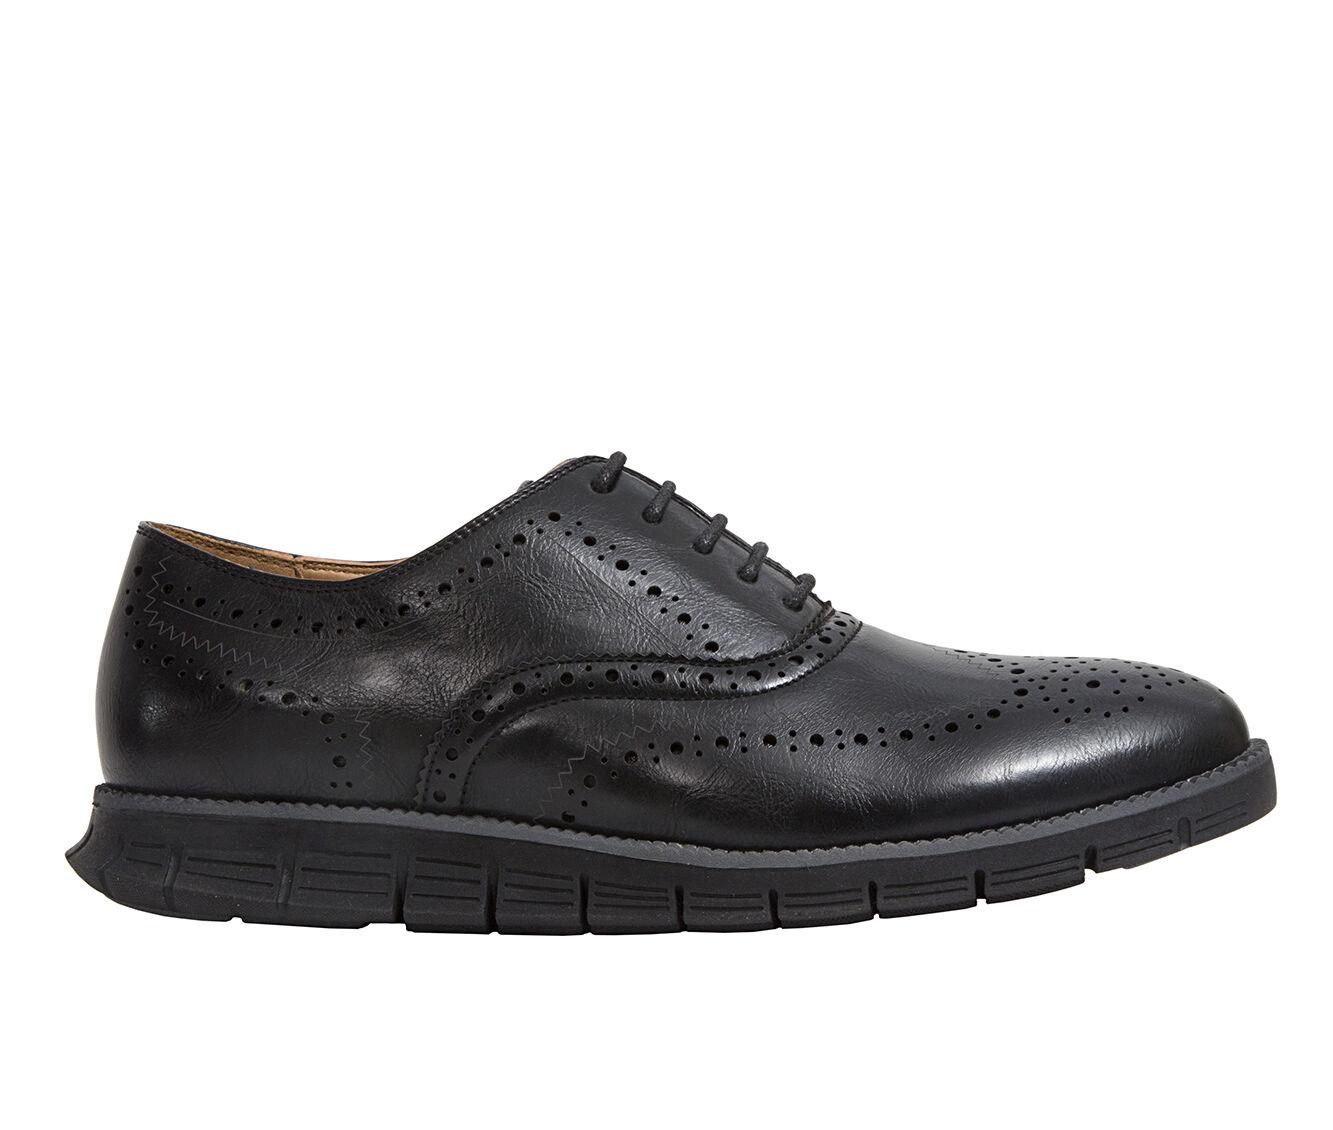 Men's Deer Stags Benton Dress Shoes Black